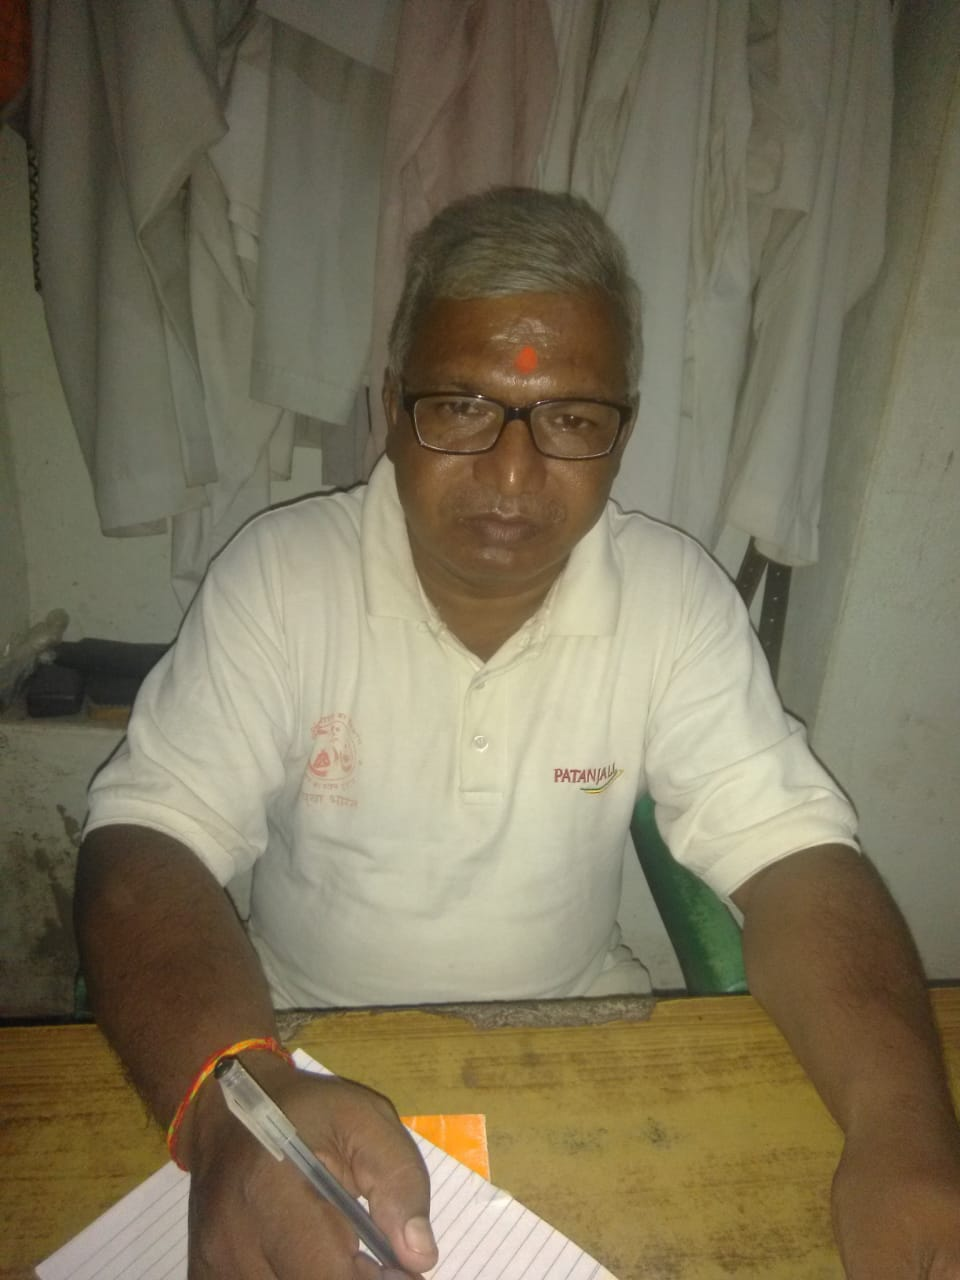 हिंदी समाचार |सुरियावां मे होगा 1नवम्बर को...